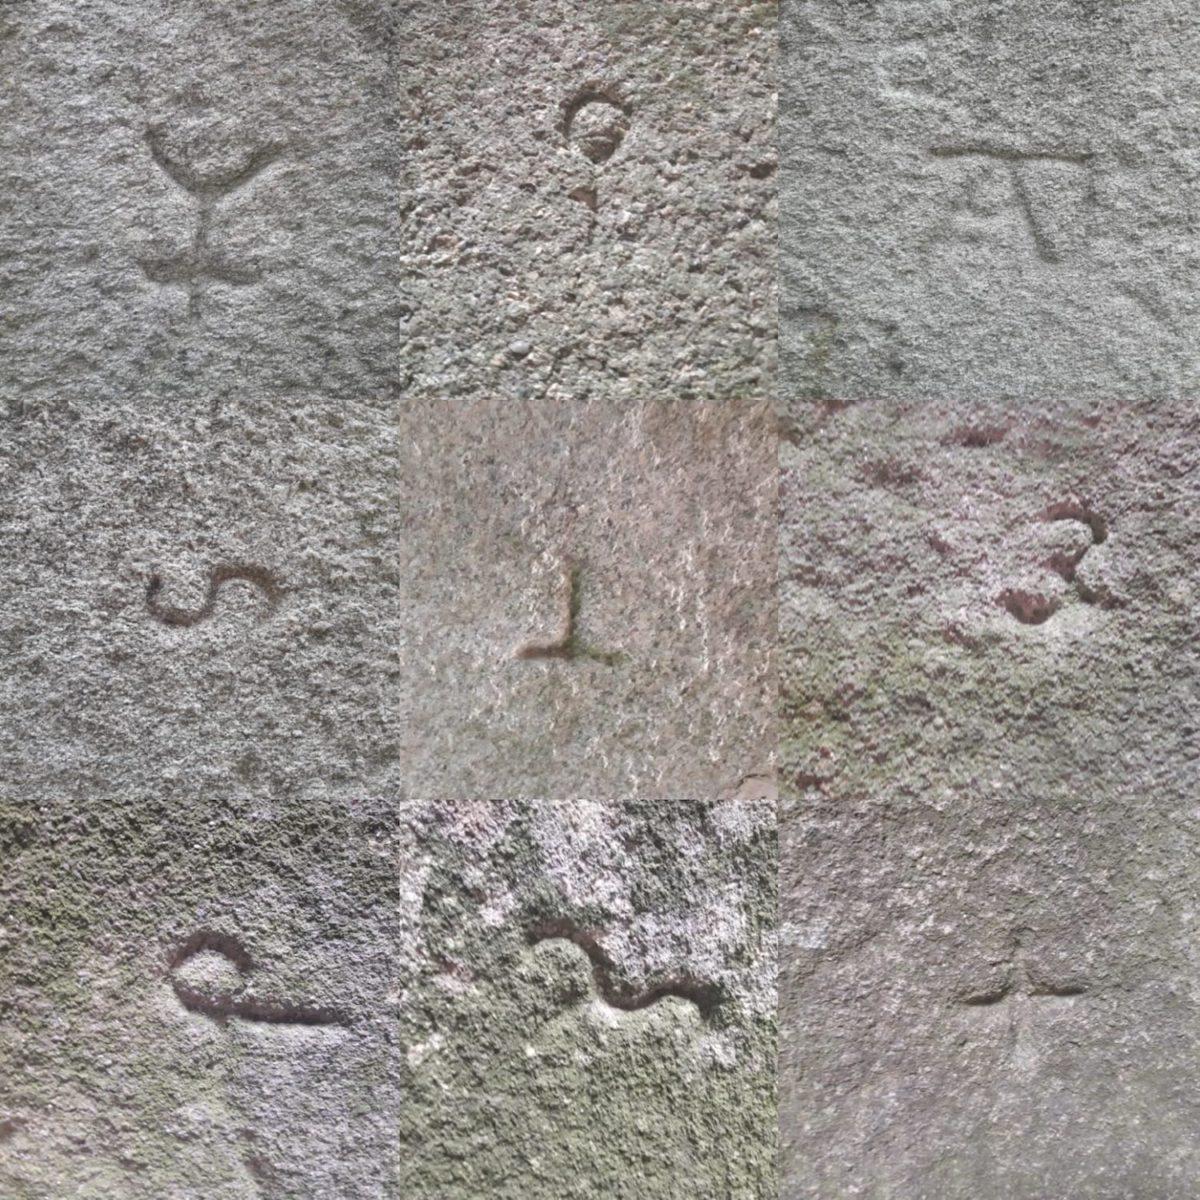 Patrimonio alrededor de Pazo de Vilane: las firmas de los canteros de Pambre